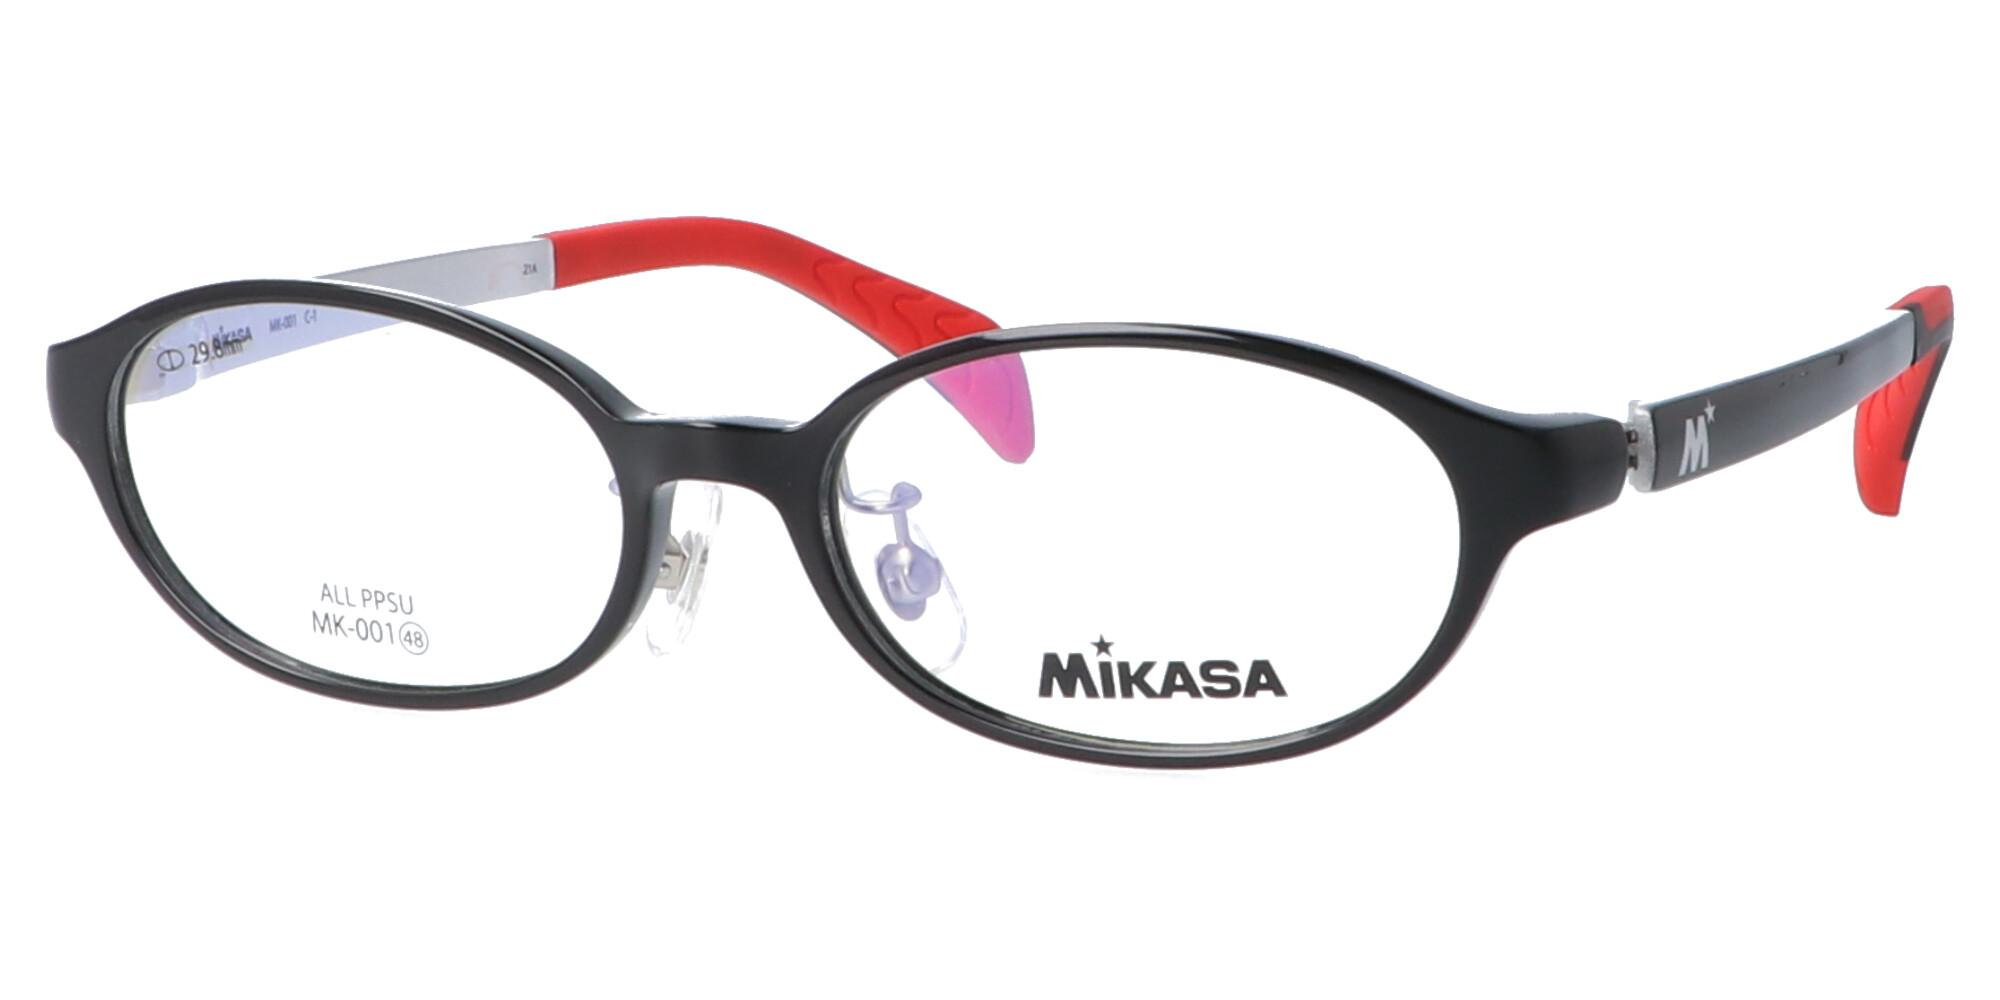 ミカサ MK-001_48_ブラック